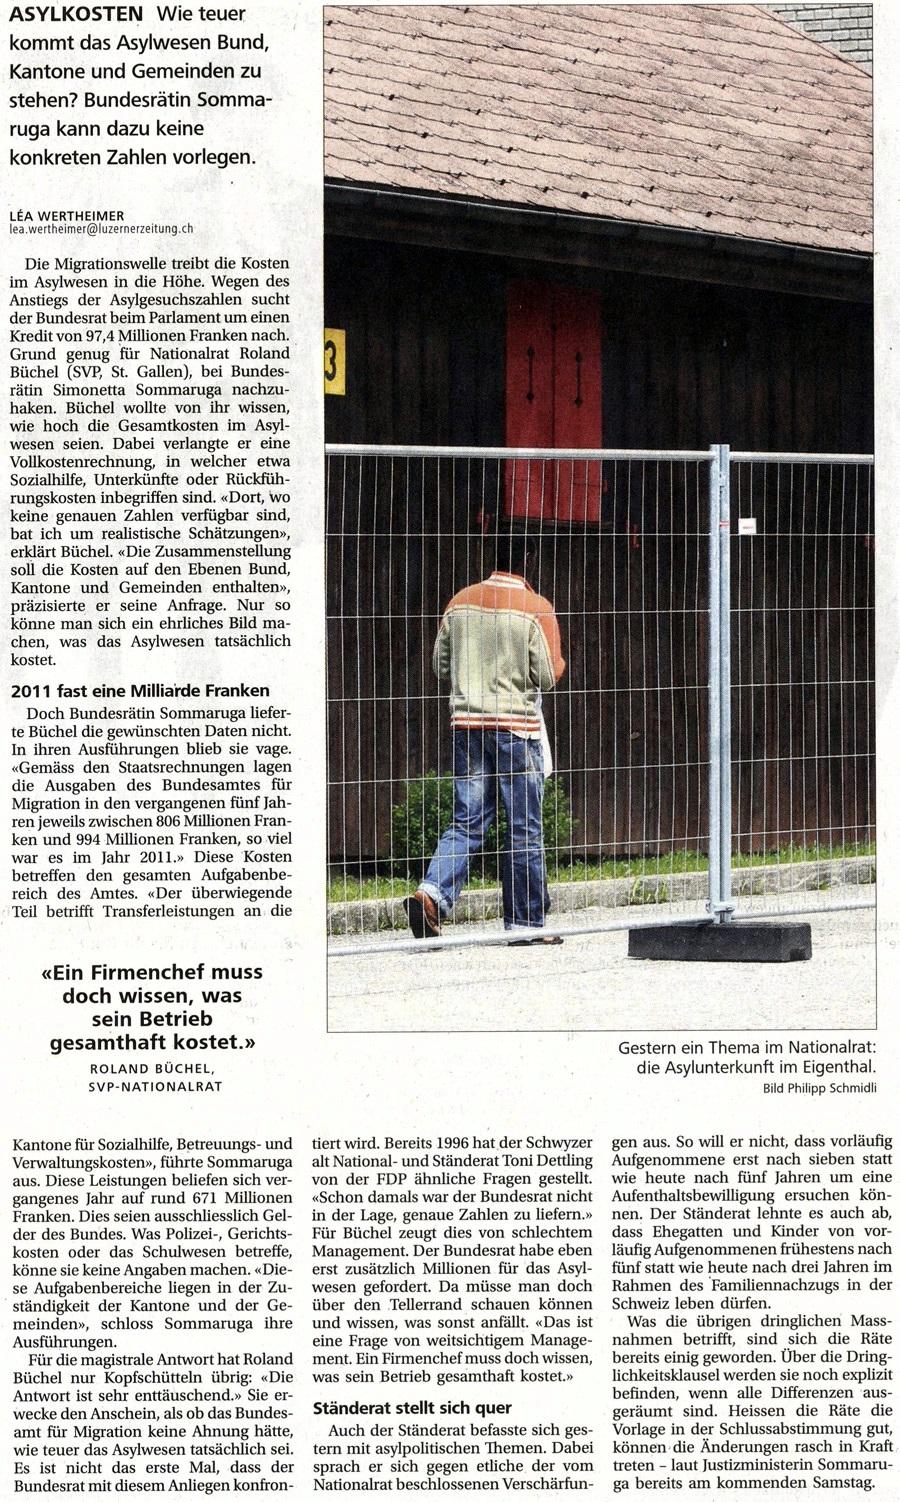 Neue Luzerner Zeitung: Asylkosten